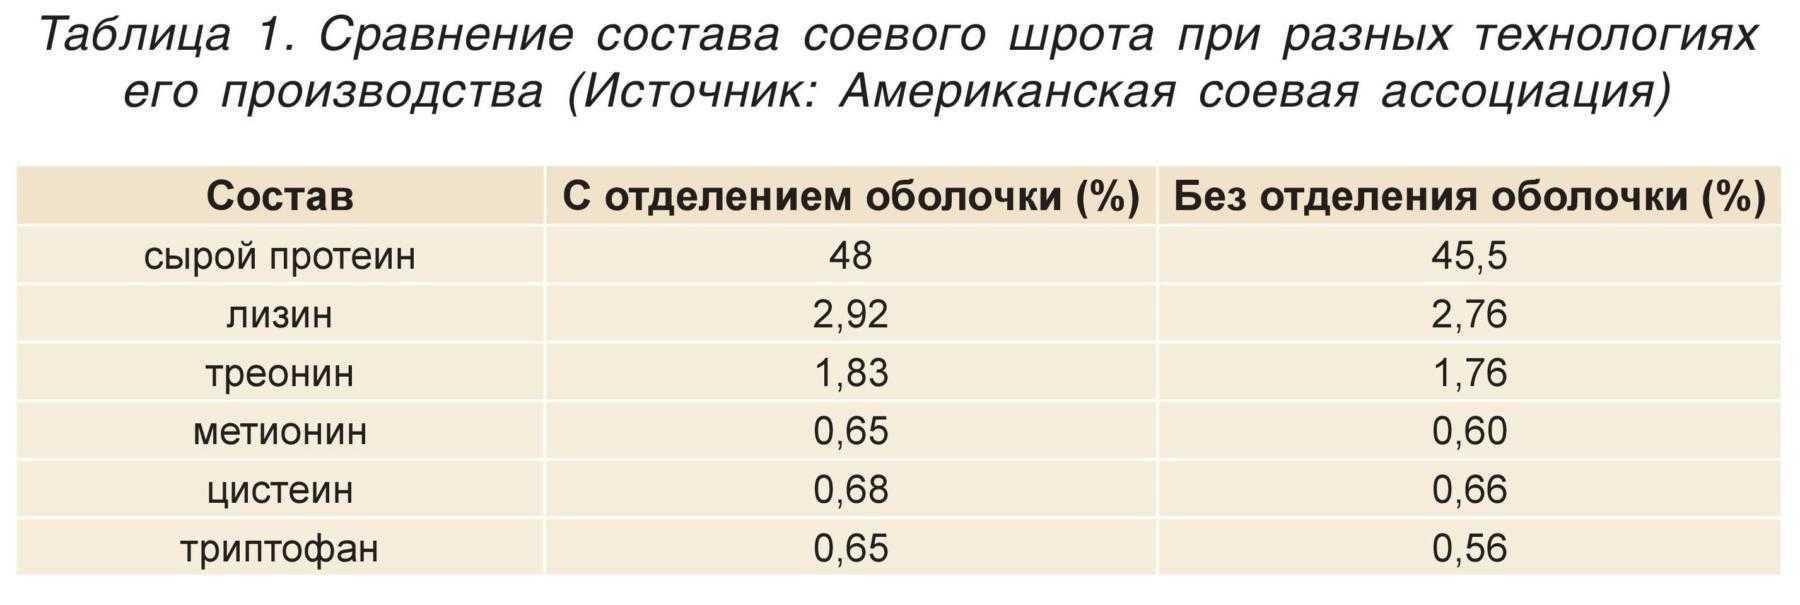 Сравнение состава соевого шрота при разных технологиях его производства